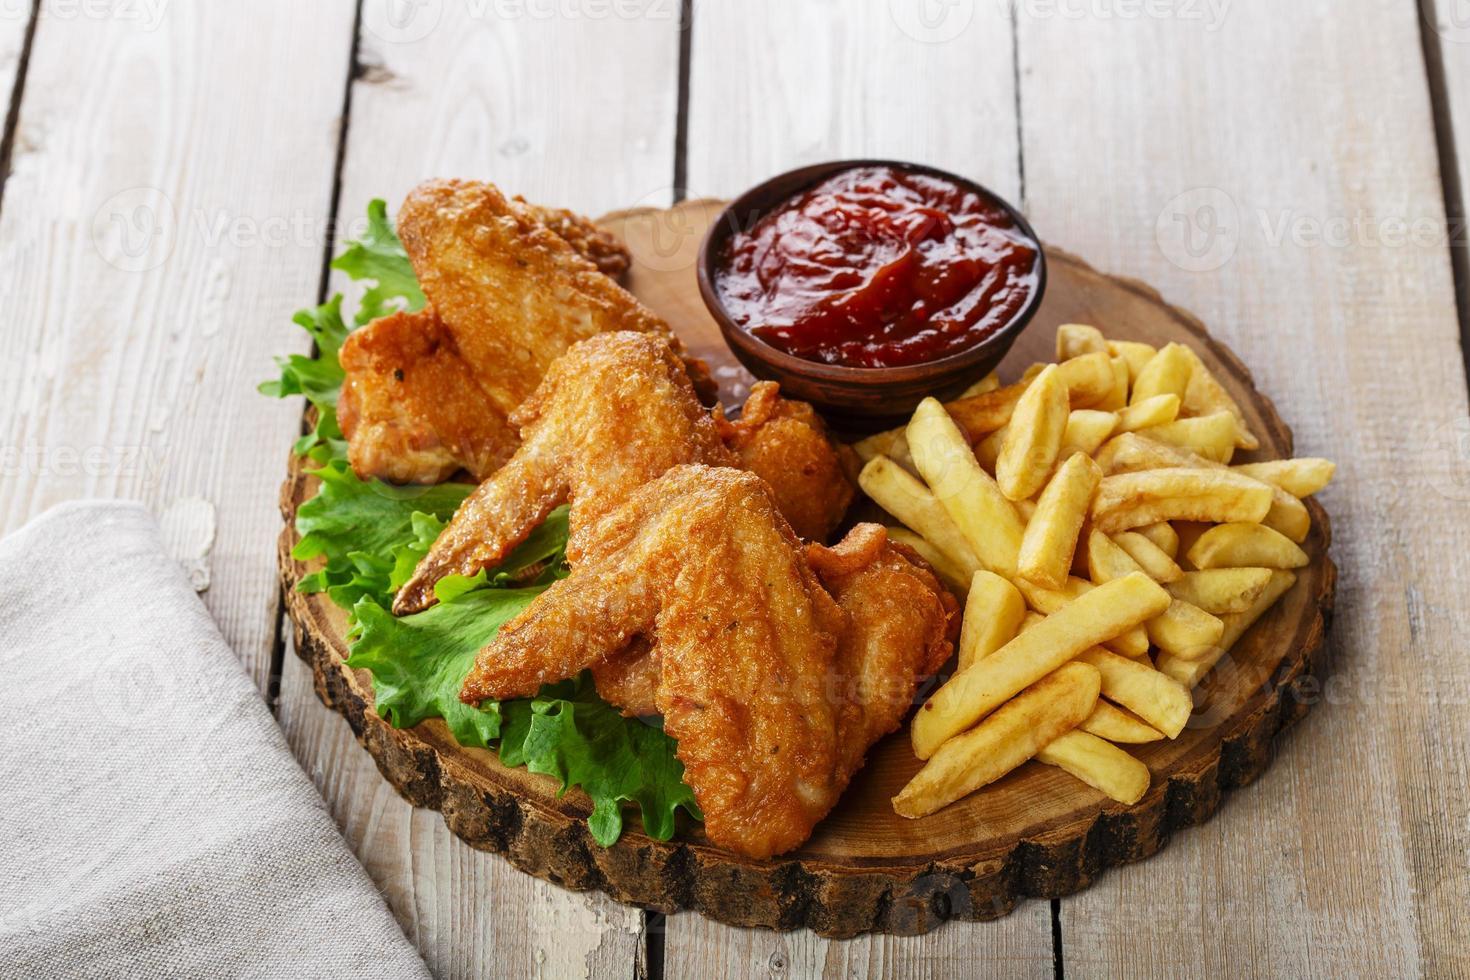 ailes de poulet frites avec sauce et frites photo